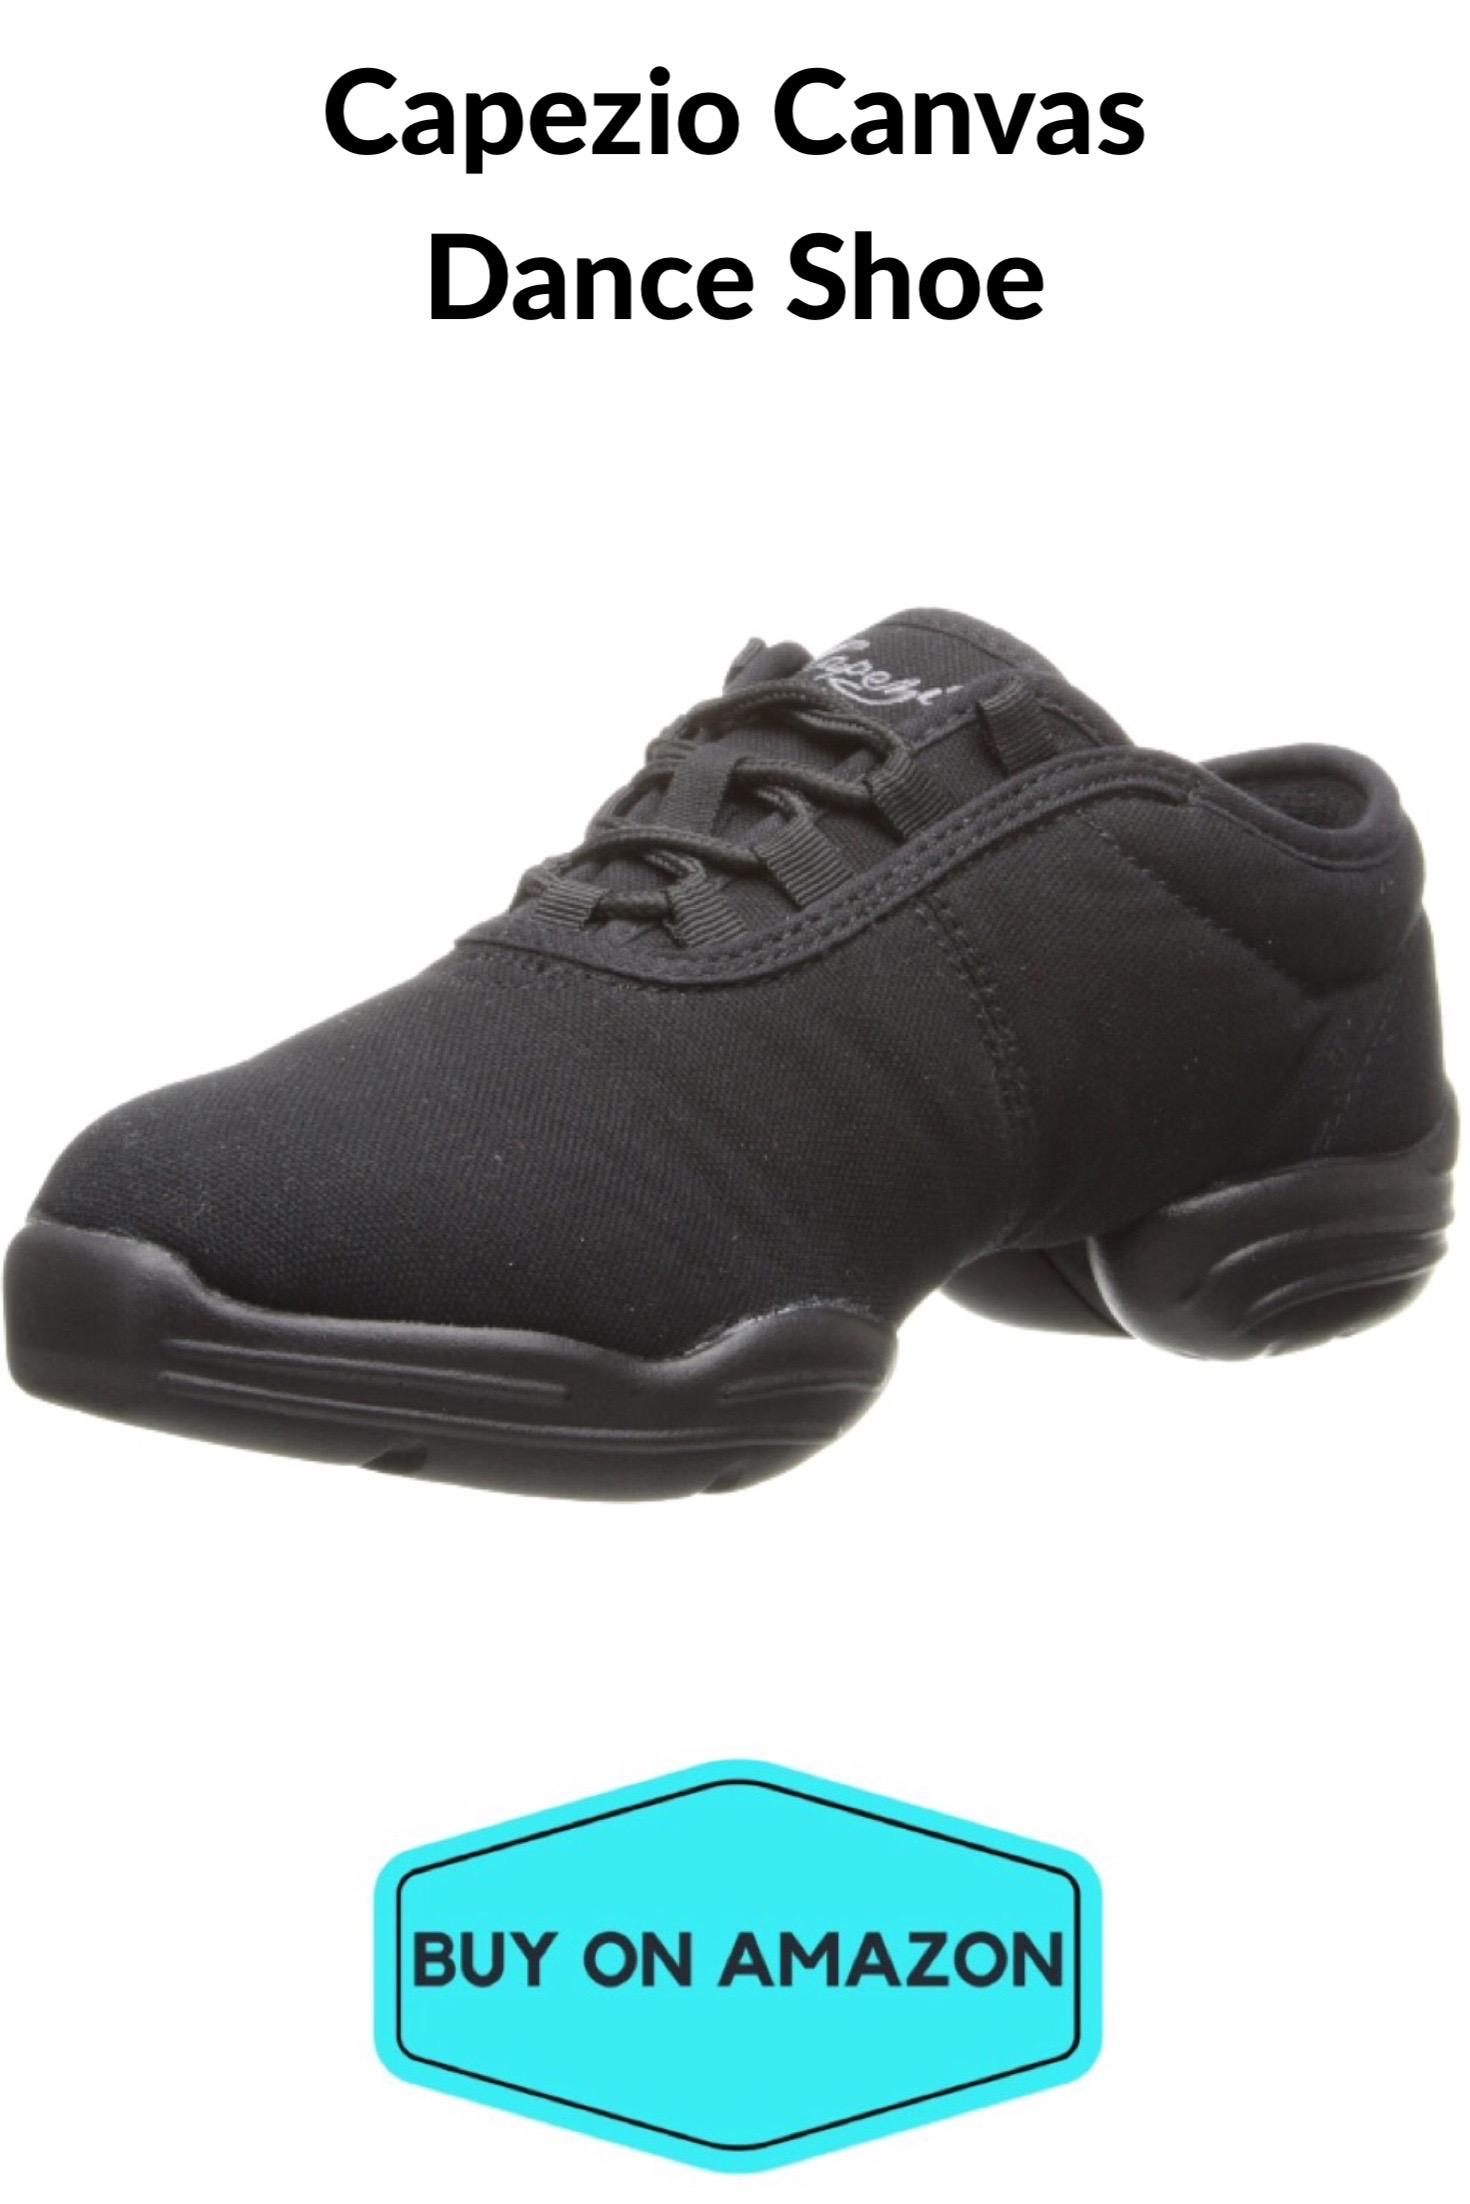 Capezio Canvas Women's Dance Shoe